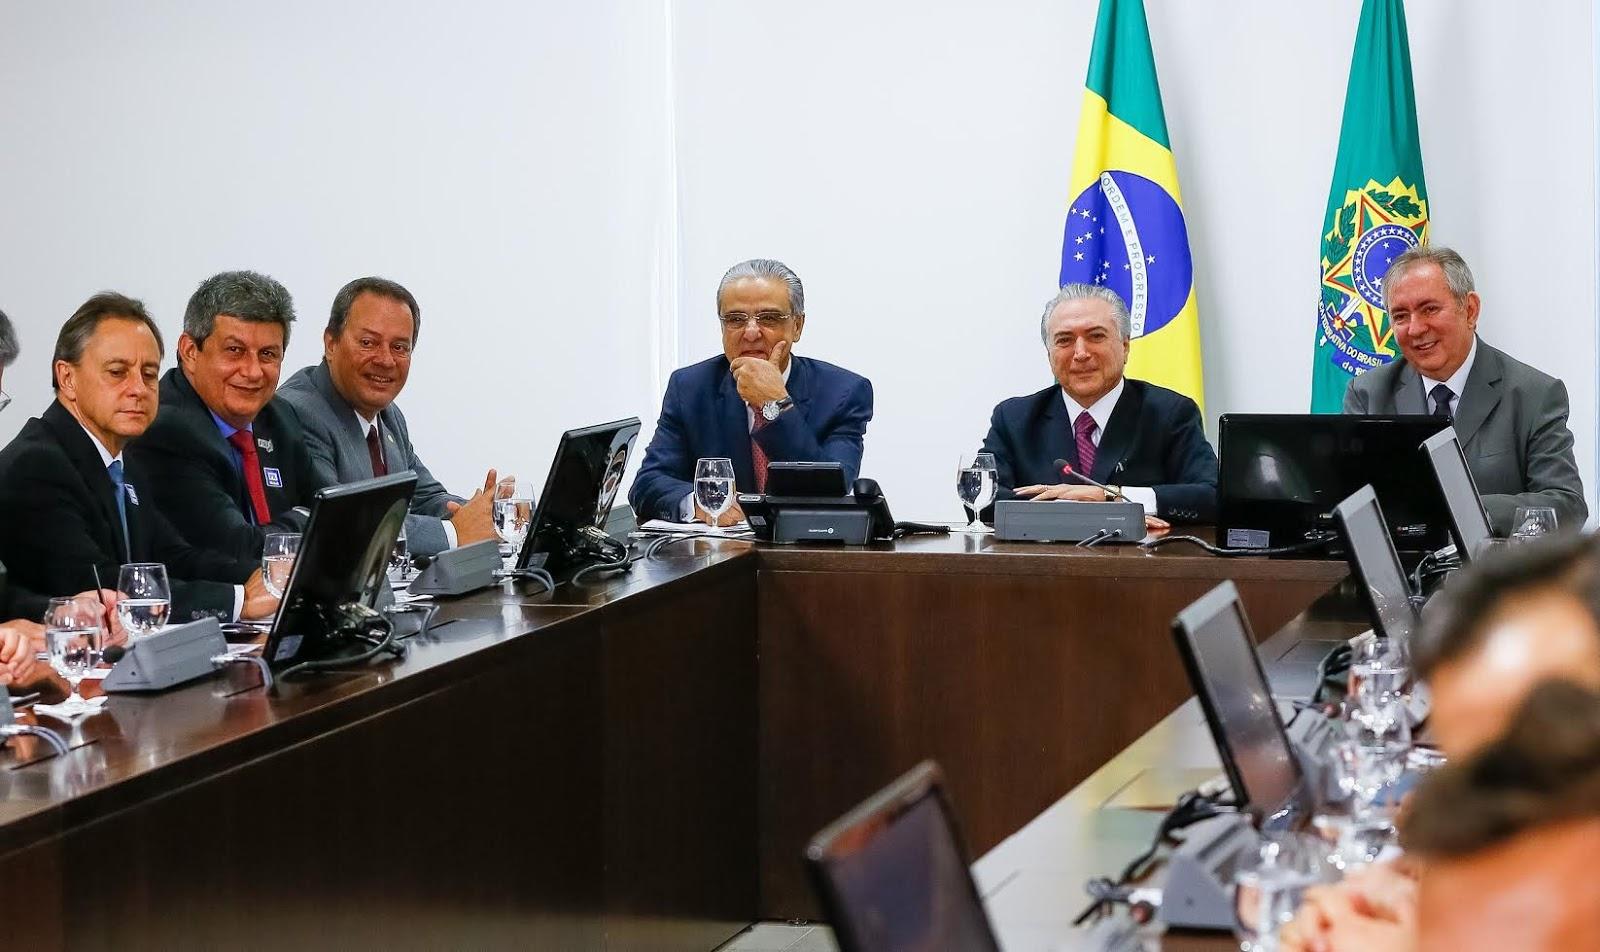 Jornal da parna ba em encontro com presidente temer z for Francisco peluqueros porto pi